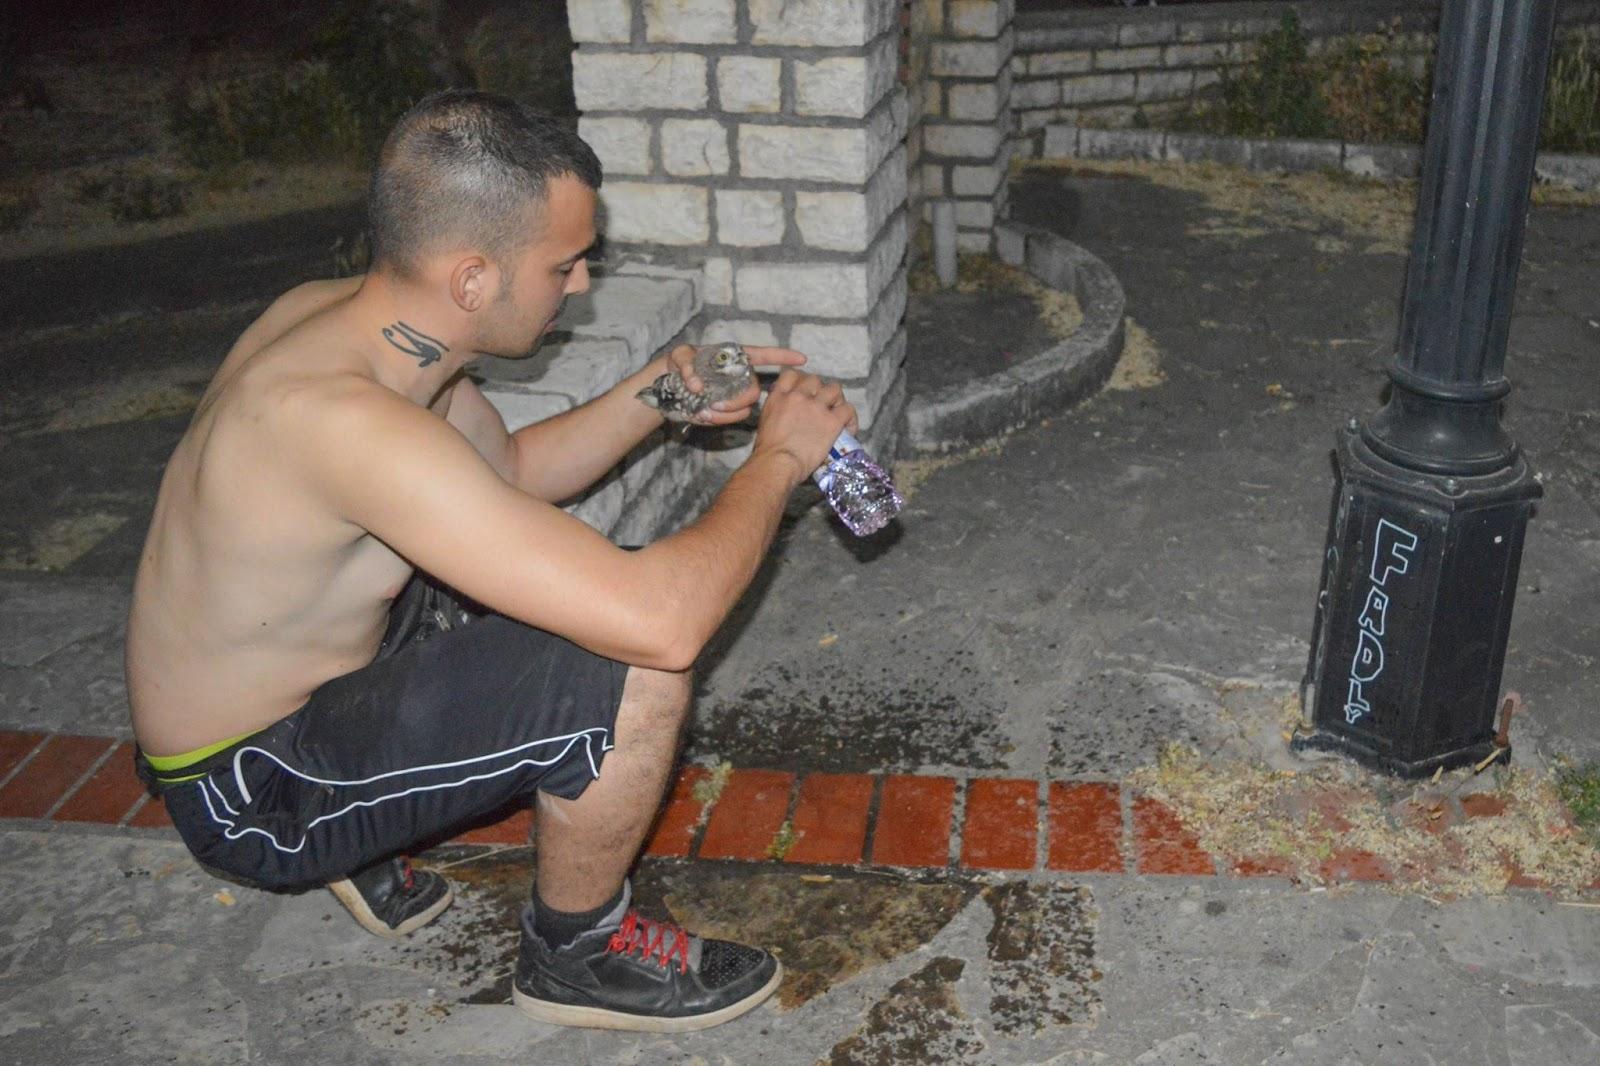 Διάσωση μωρού κουκουβάγιας στο Παναιτώλιο (φωτο)